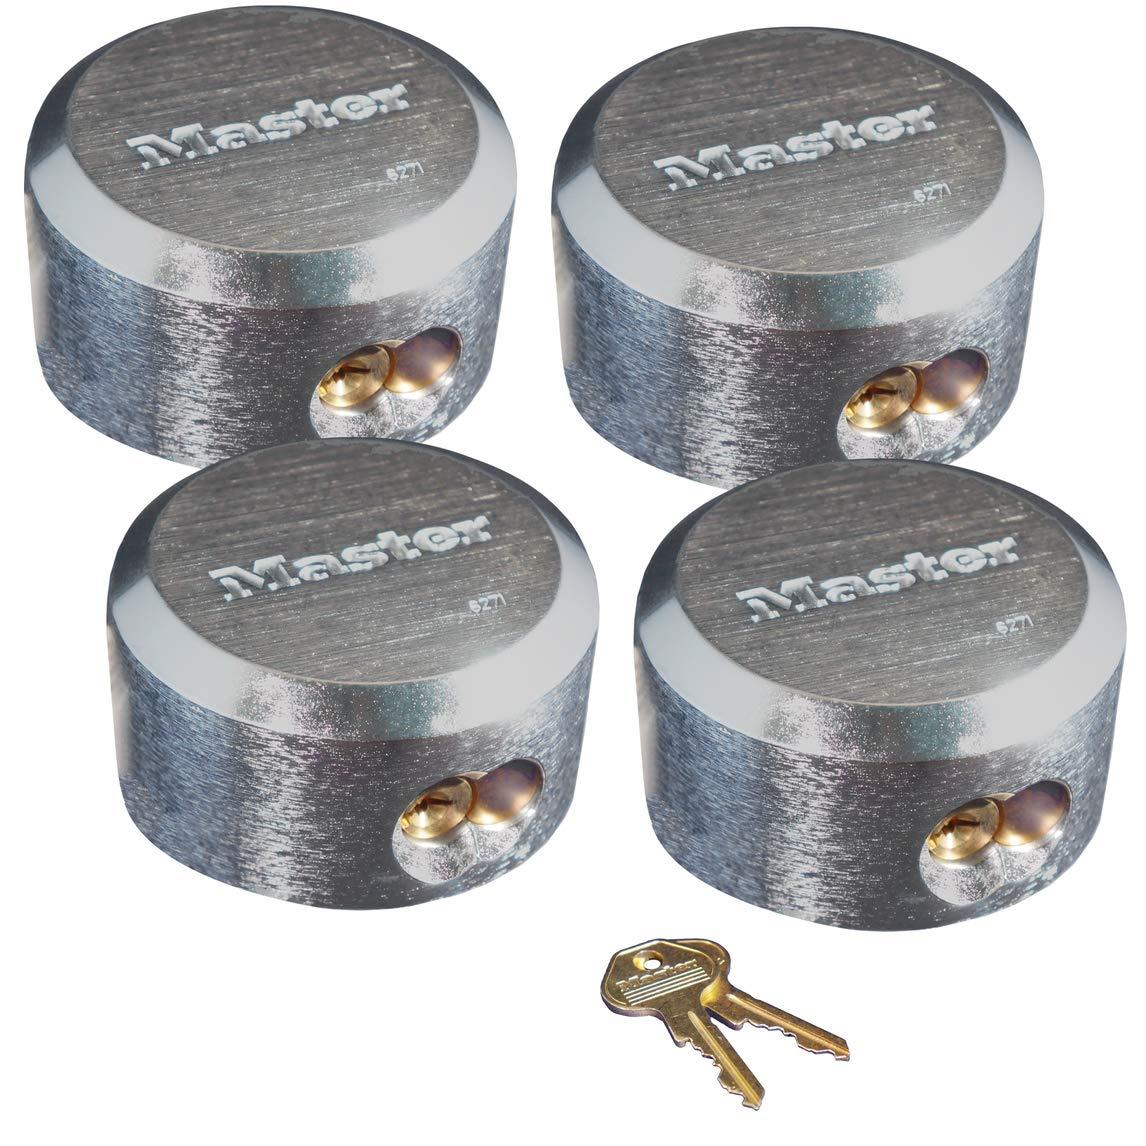 Master Lock 6271KA 4 Pack 2-7/8in. ProSeries Reinforced Hidden Shackle Rekeyable Pin Tumbler Keyed Alike Padlock, Chrome